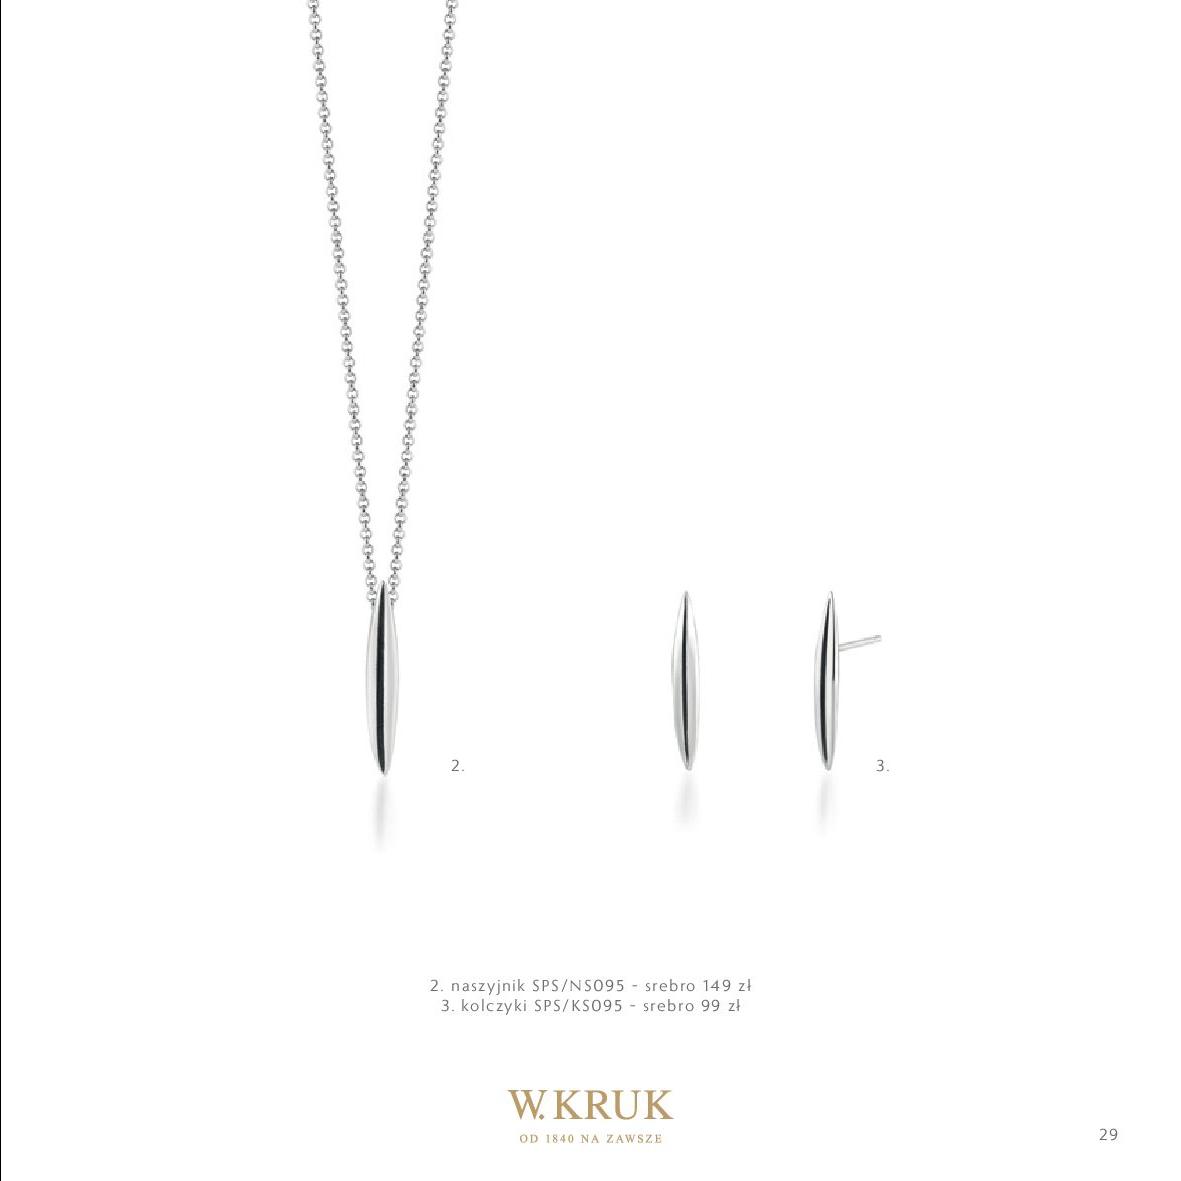 Gazetka W. KRUK: Katalog - Kolekcja Przyjaźń 2021-02-17 page-31